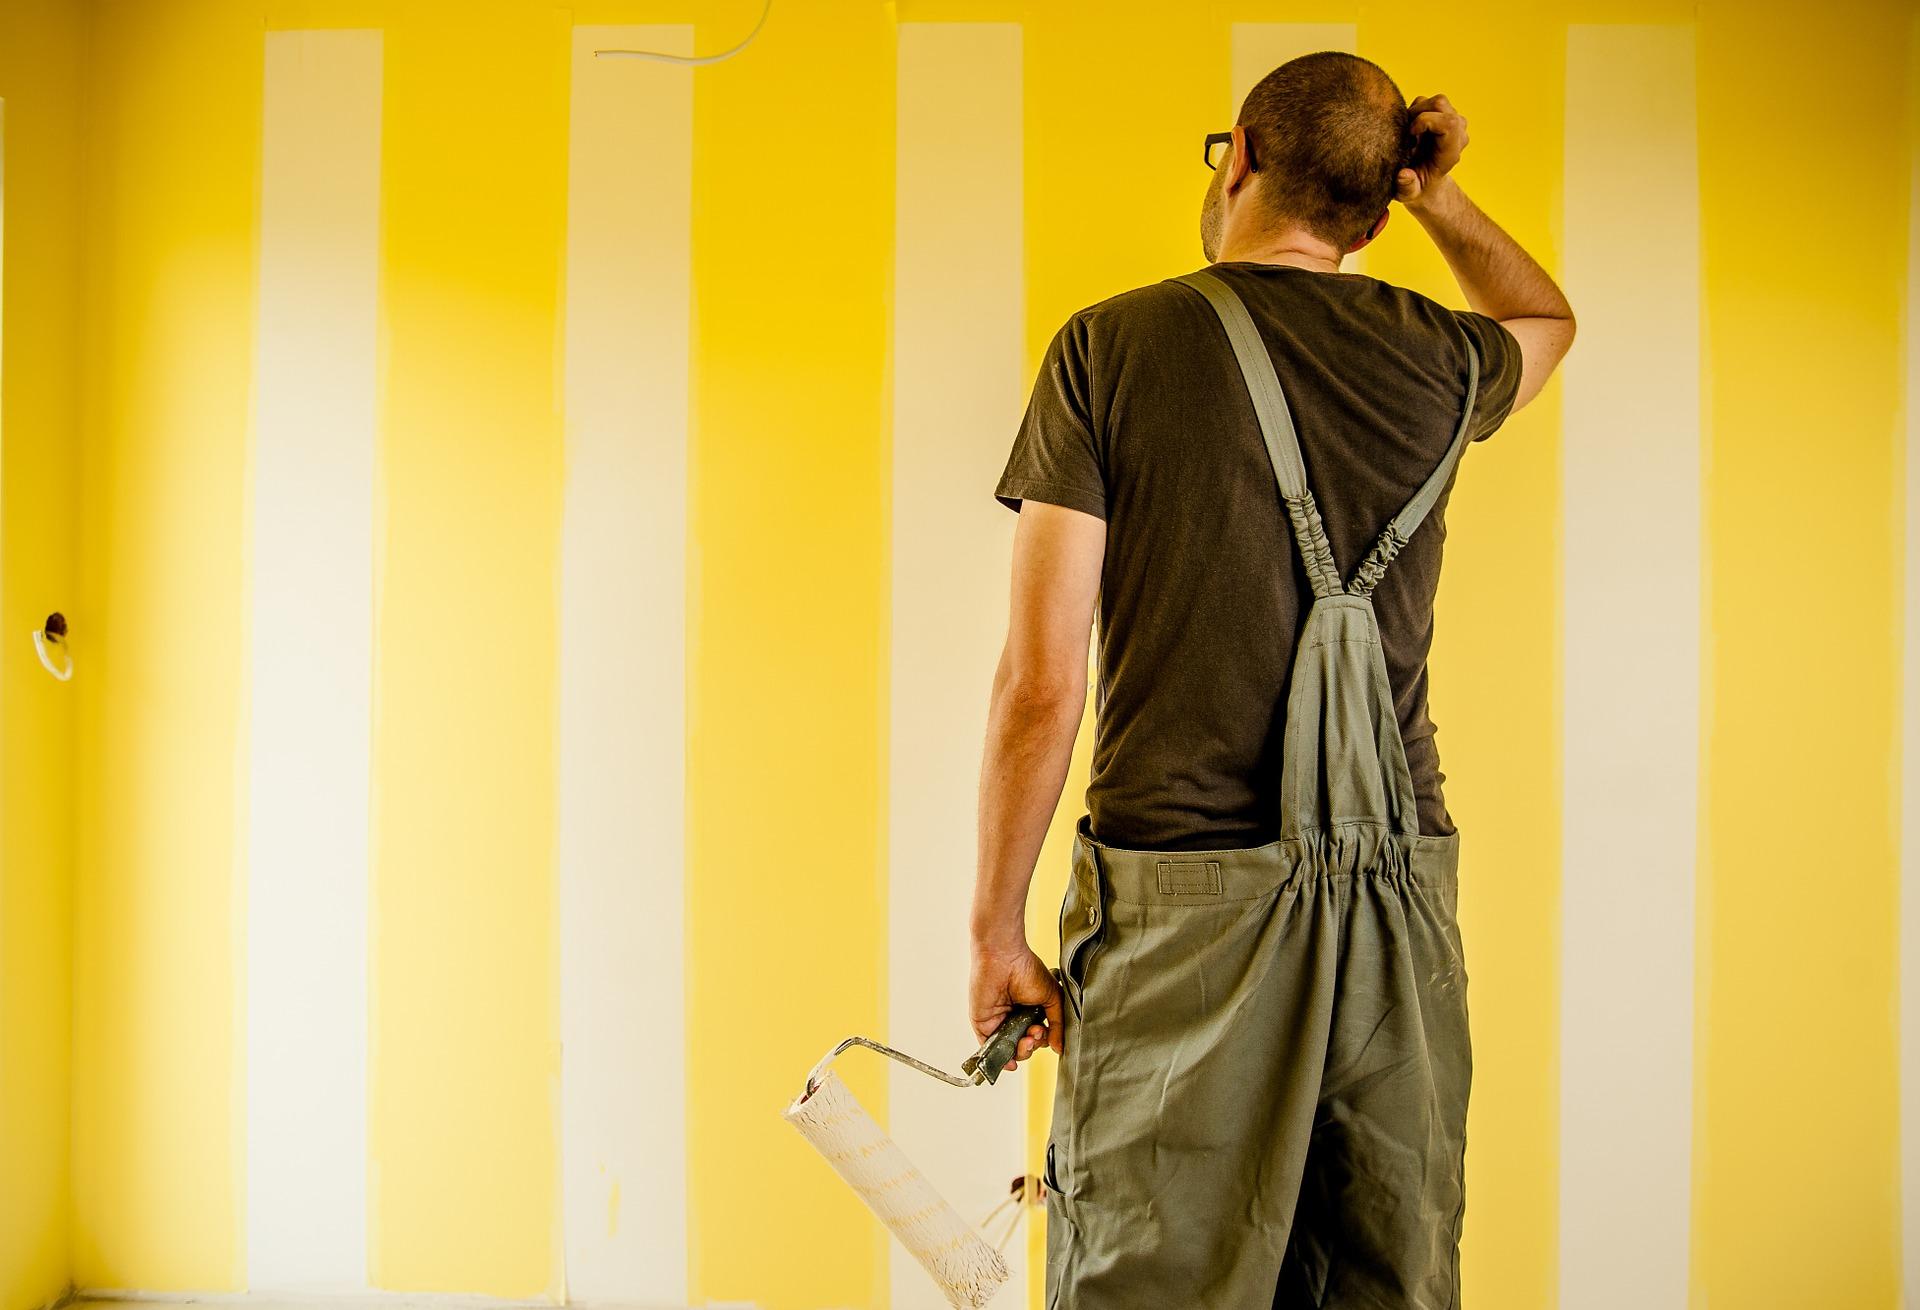 部屋をペンキ塗りで模様替えしよう!壁紙を張るのとどっちが簡単?